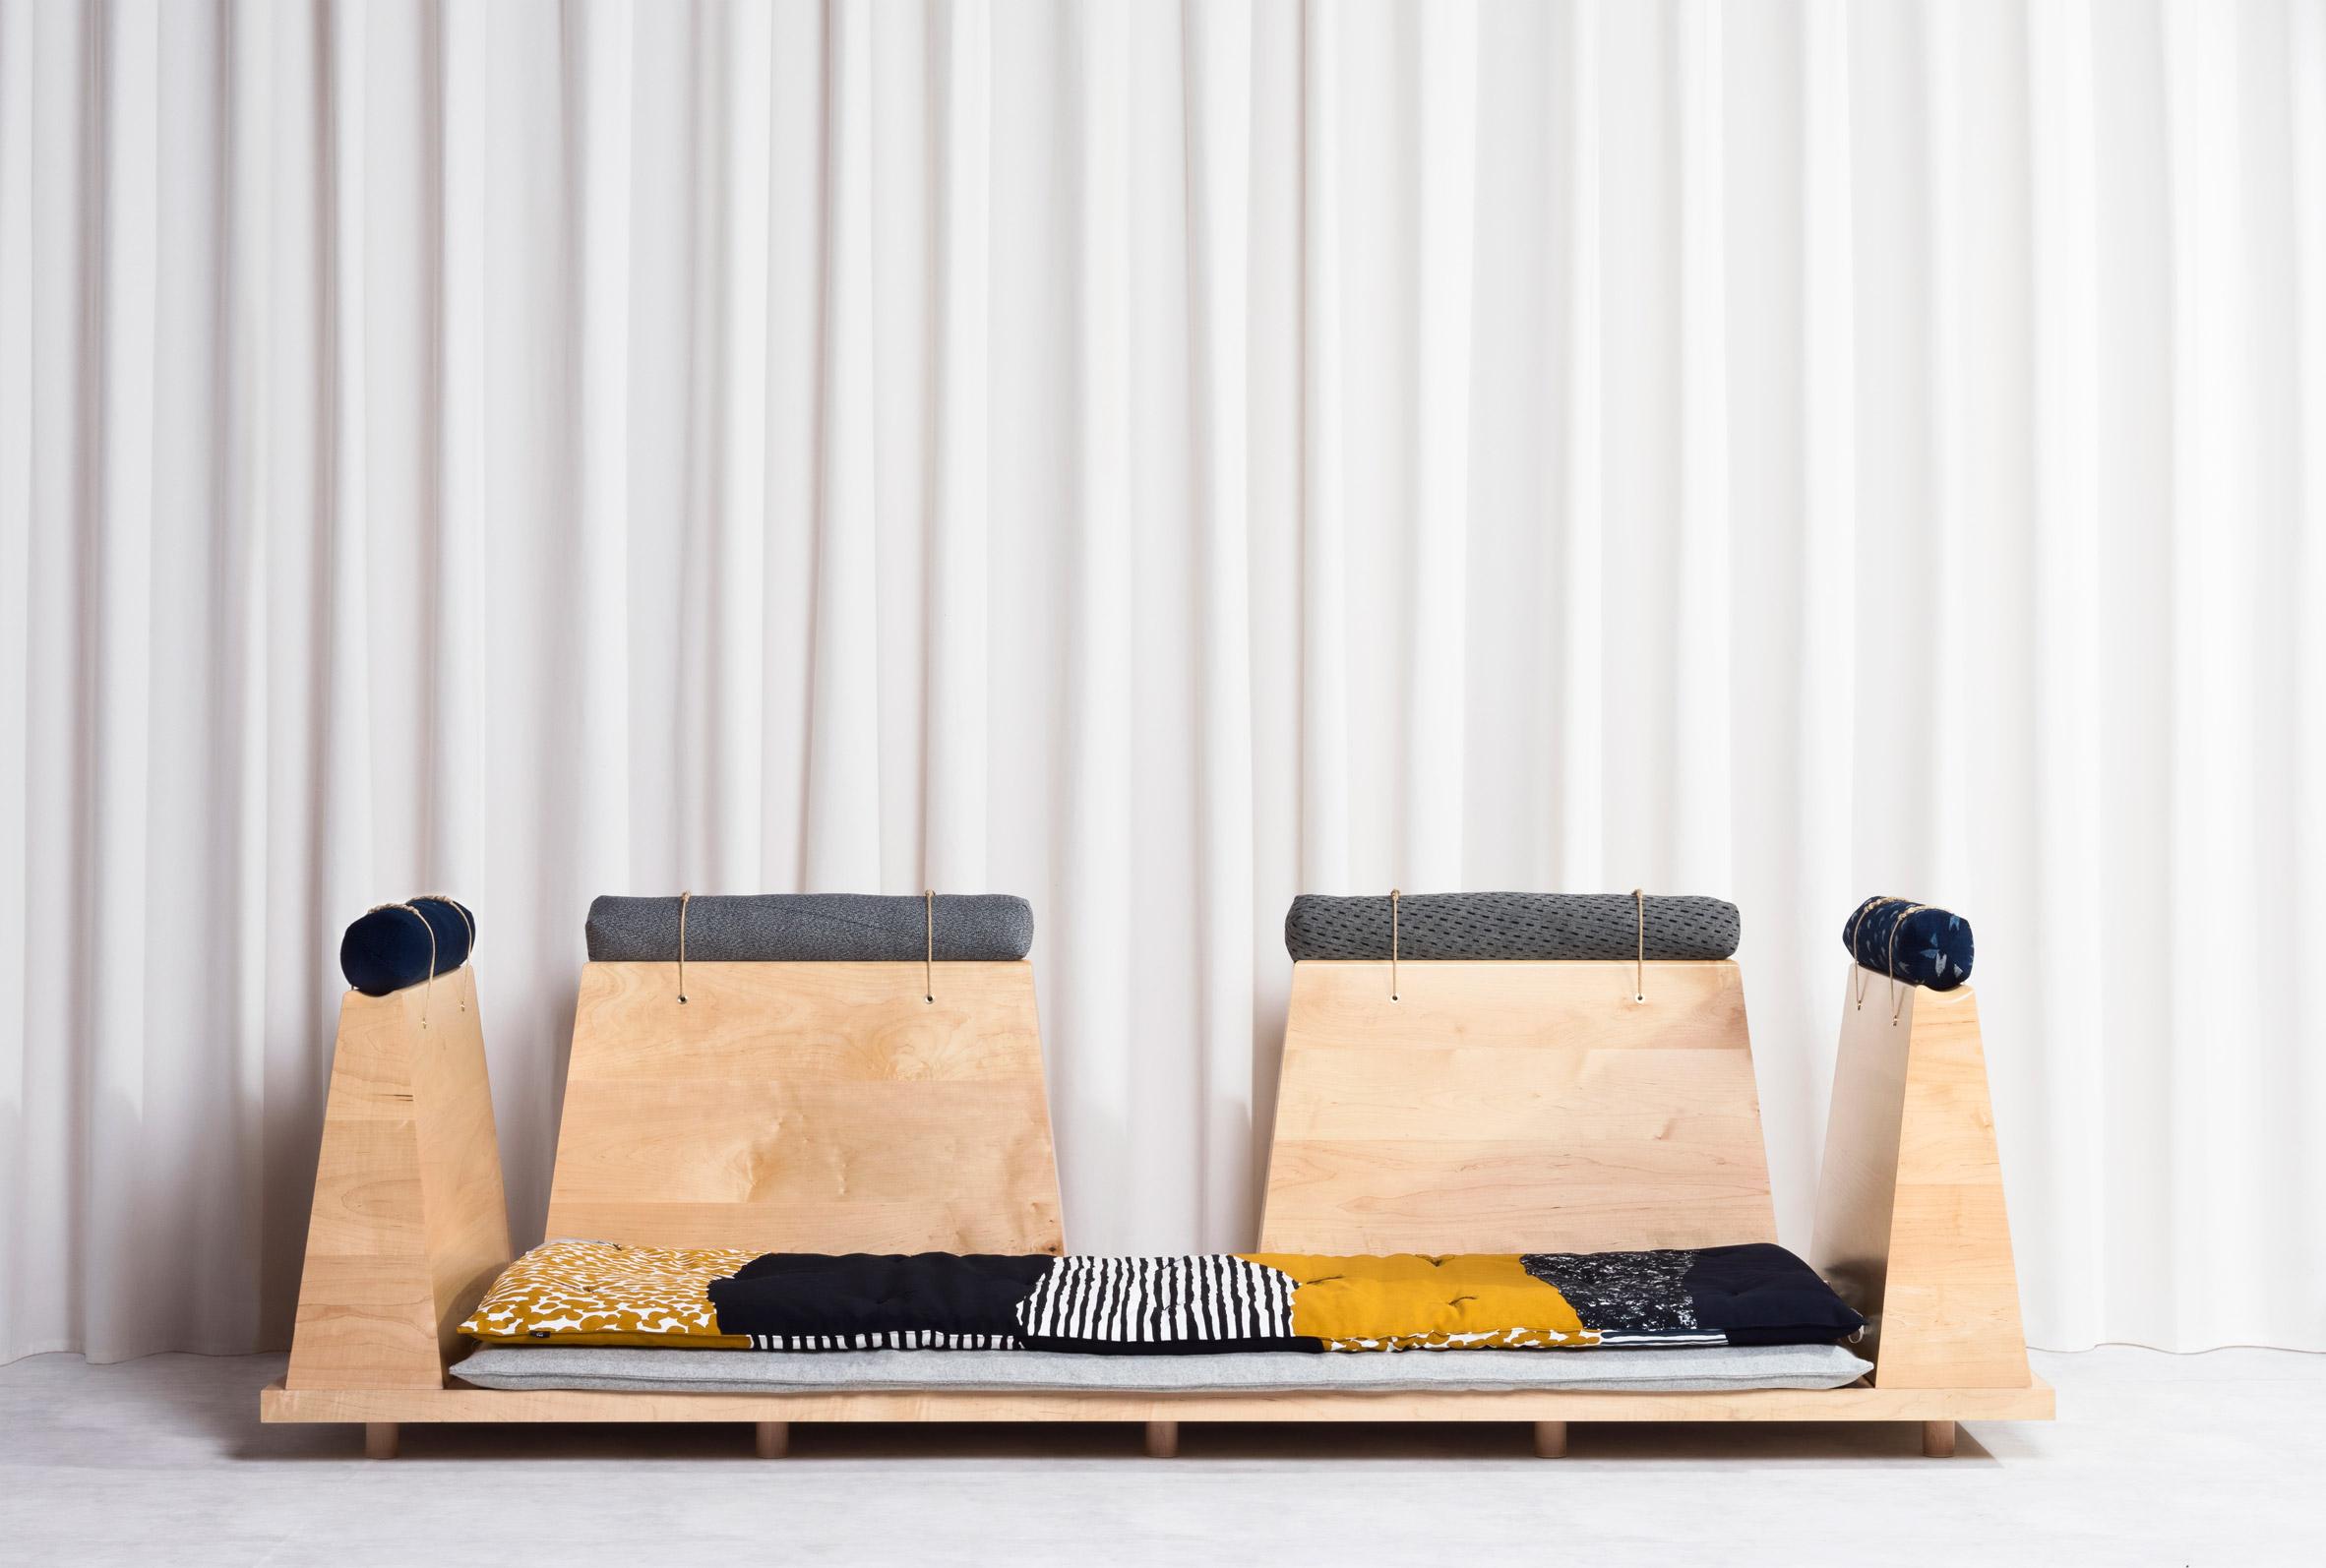 Zabuton Sofa by Ume Studio